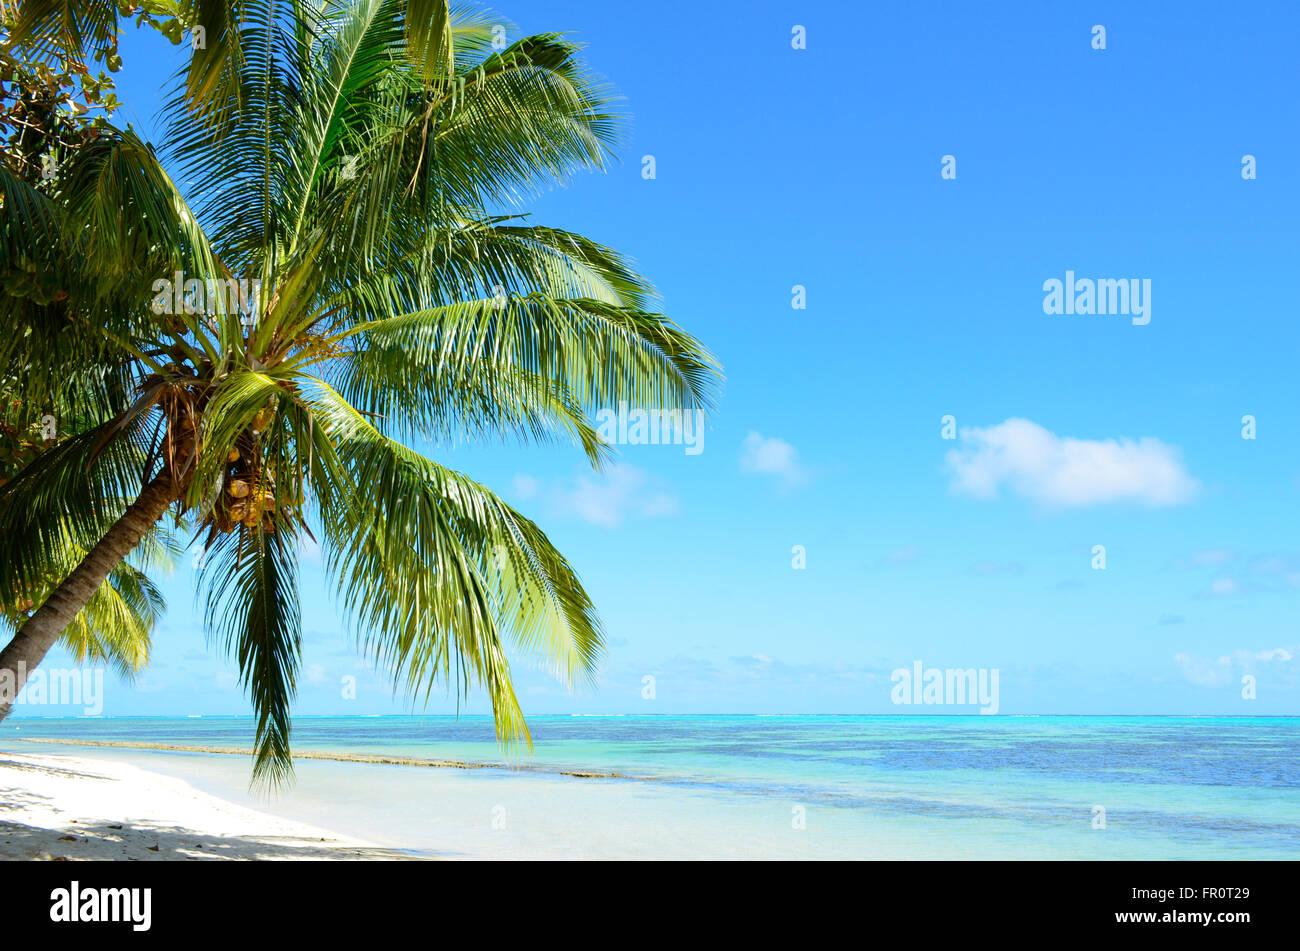 Una palmera de coco tropical en una playa con arena blanca y un mar azul en Moorea, isla del archipiélago de Imagen De Stock